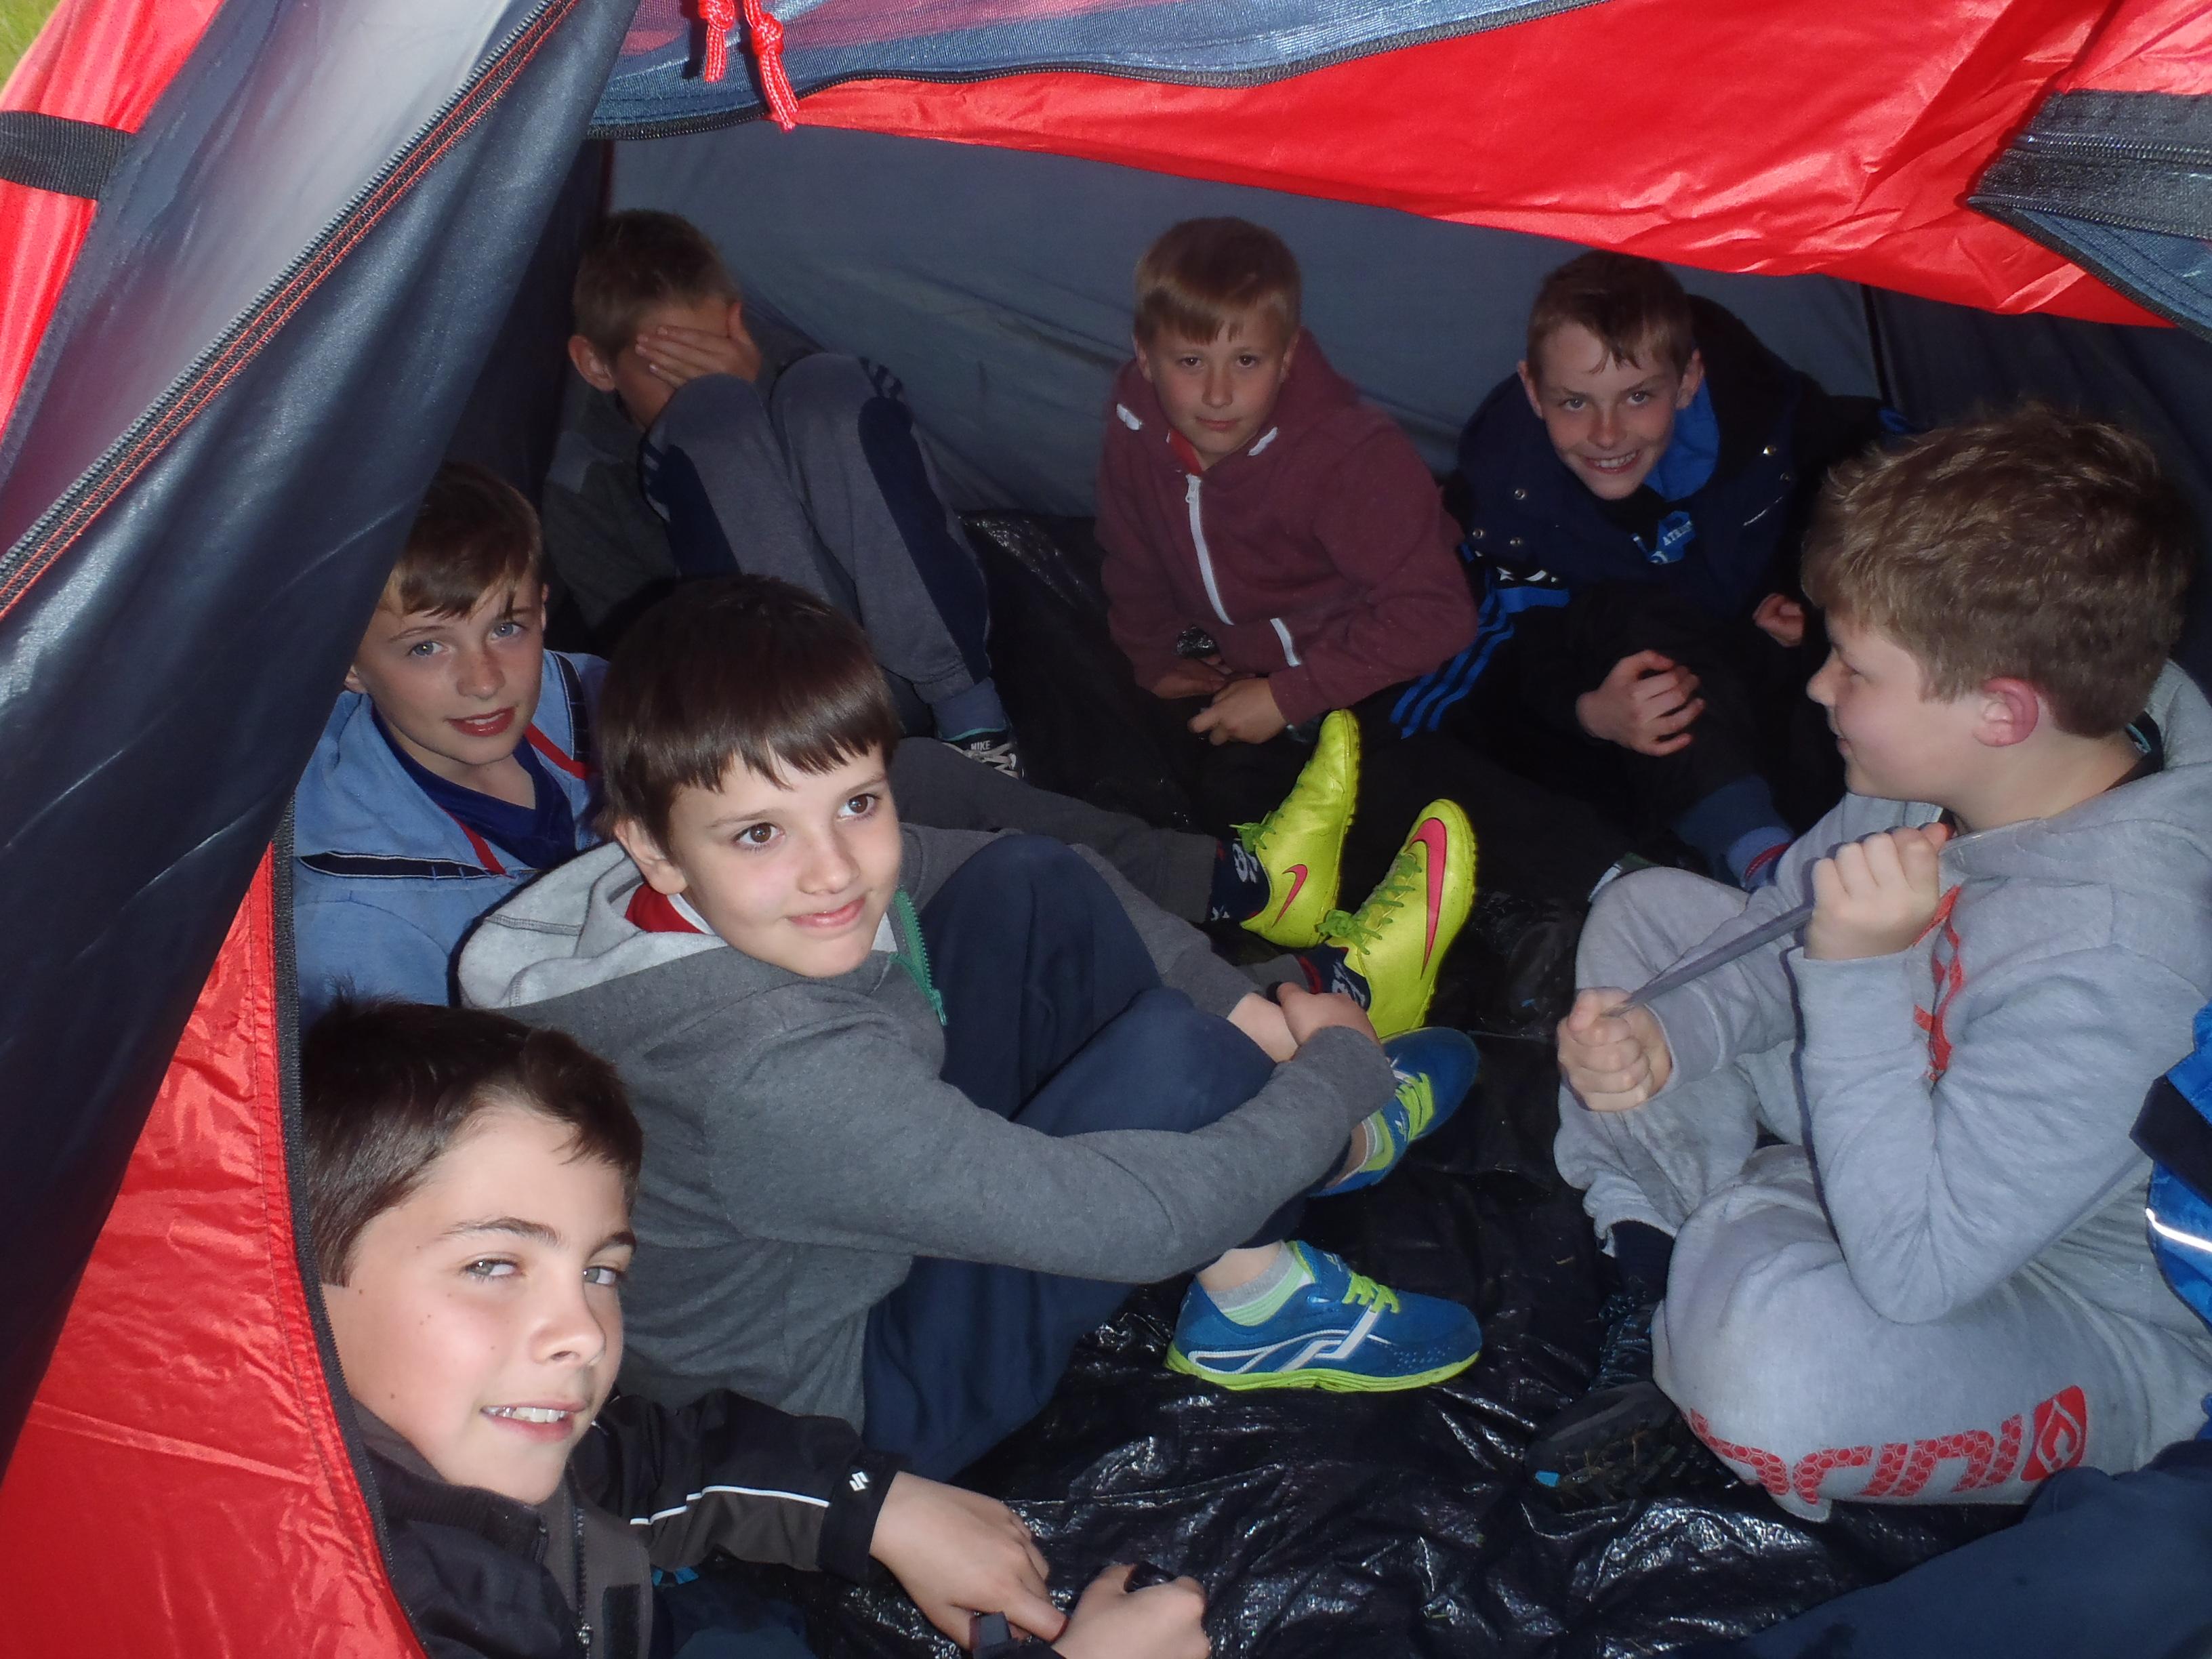 Camping Amp Glamping At Carrowmena Activity Centre Northern